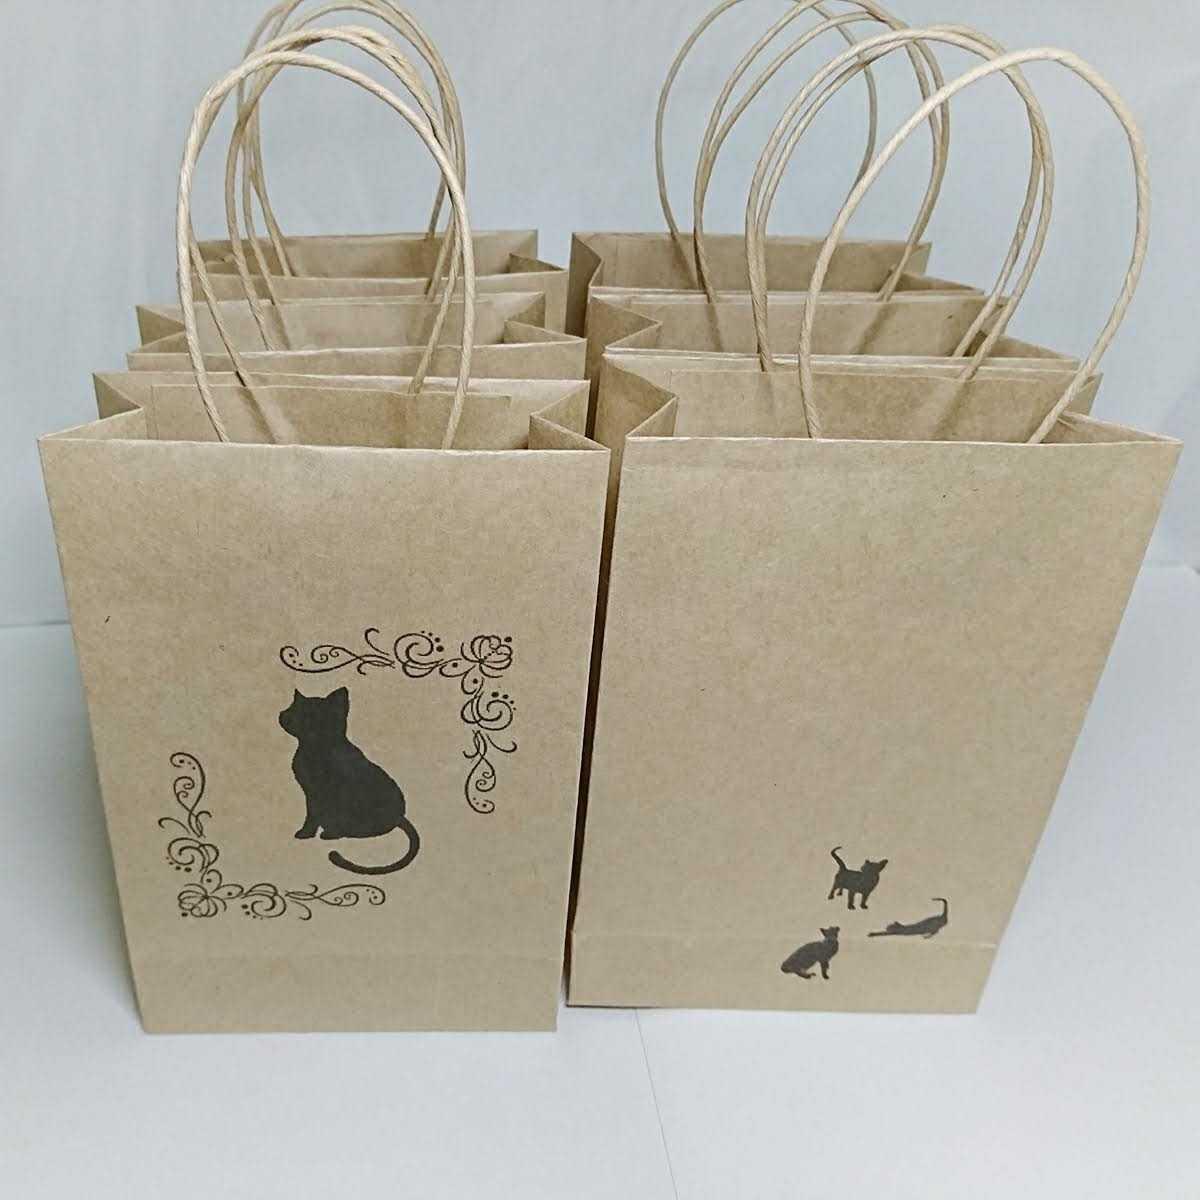 黒猫 クラフト紙袋 手提げ袋 ラッピング袋 プチギフト ペーパーバッグ お礼 ハンドメイド 包装 6枚 _画像1